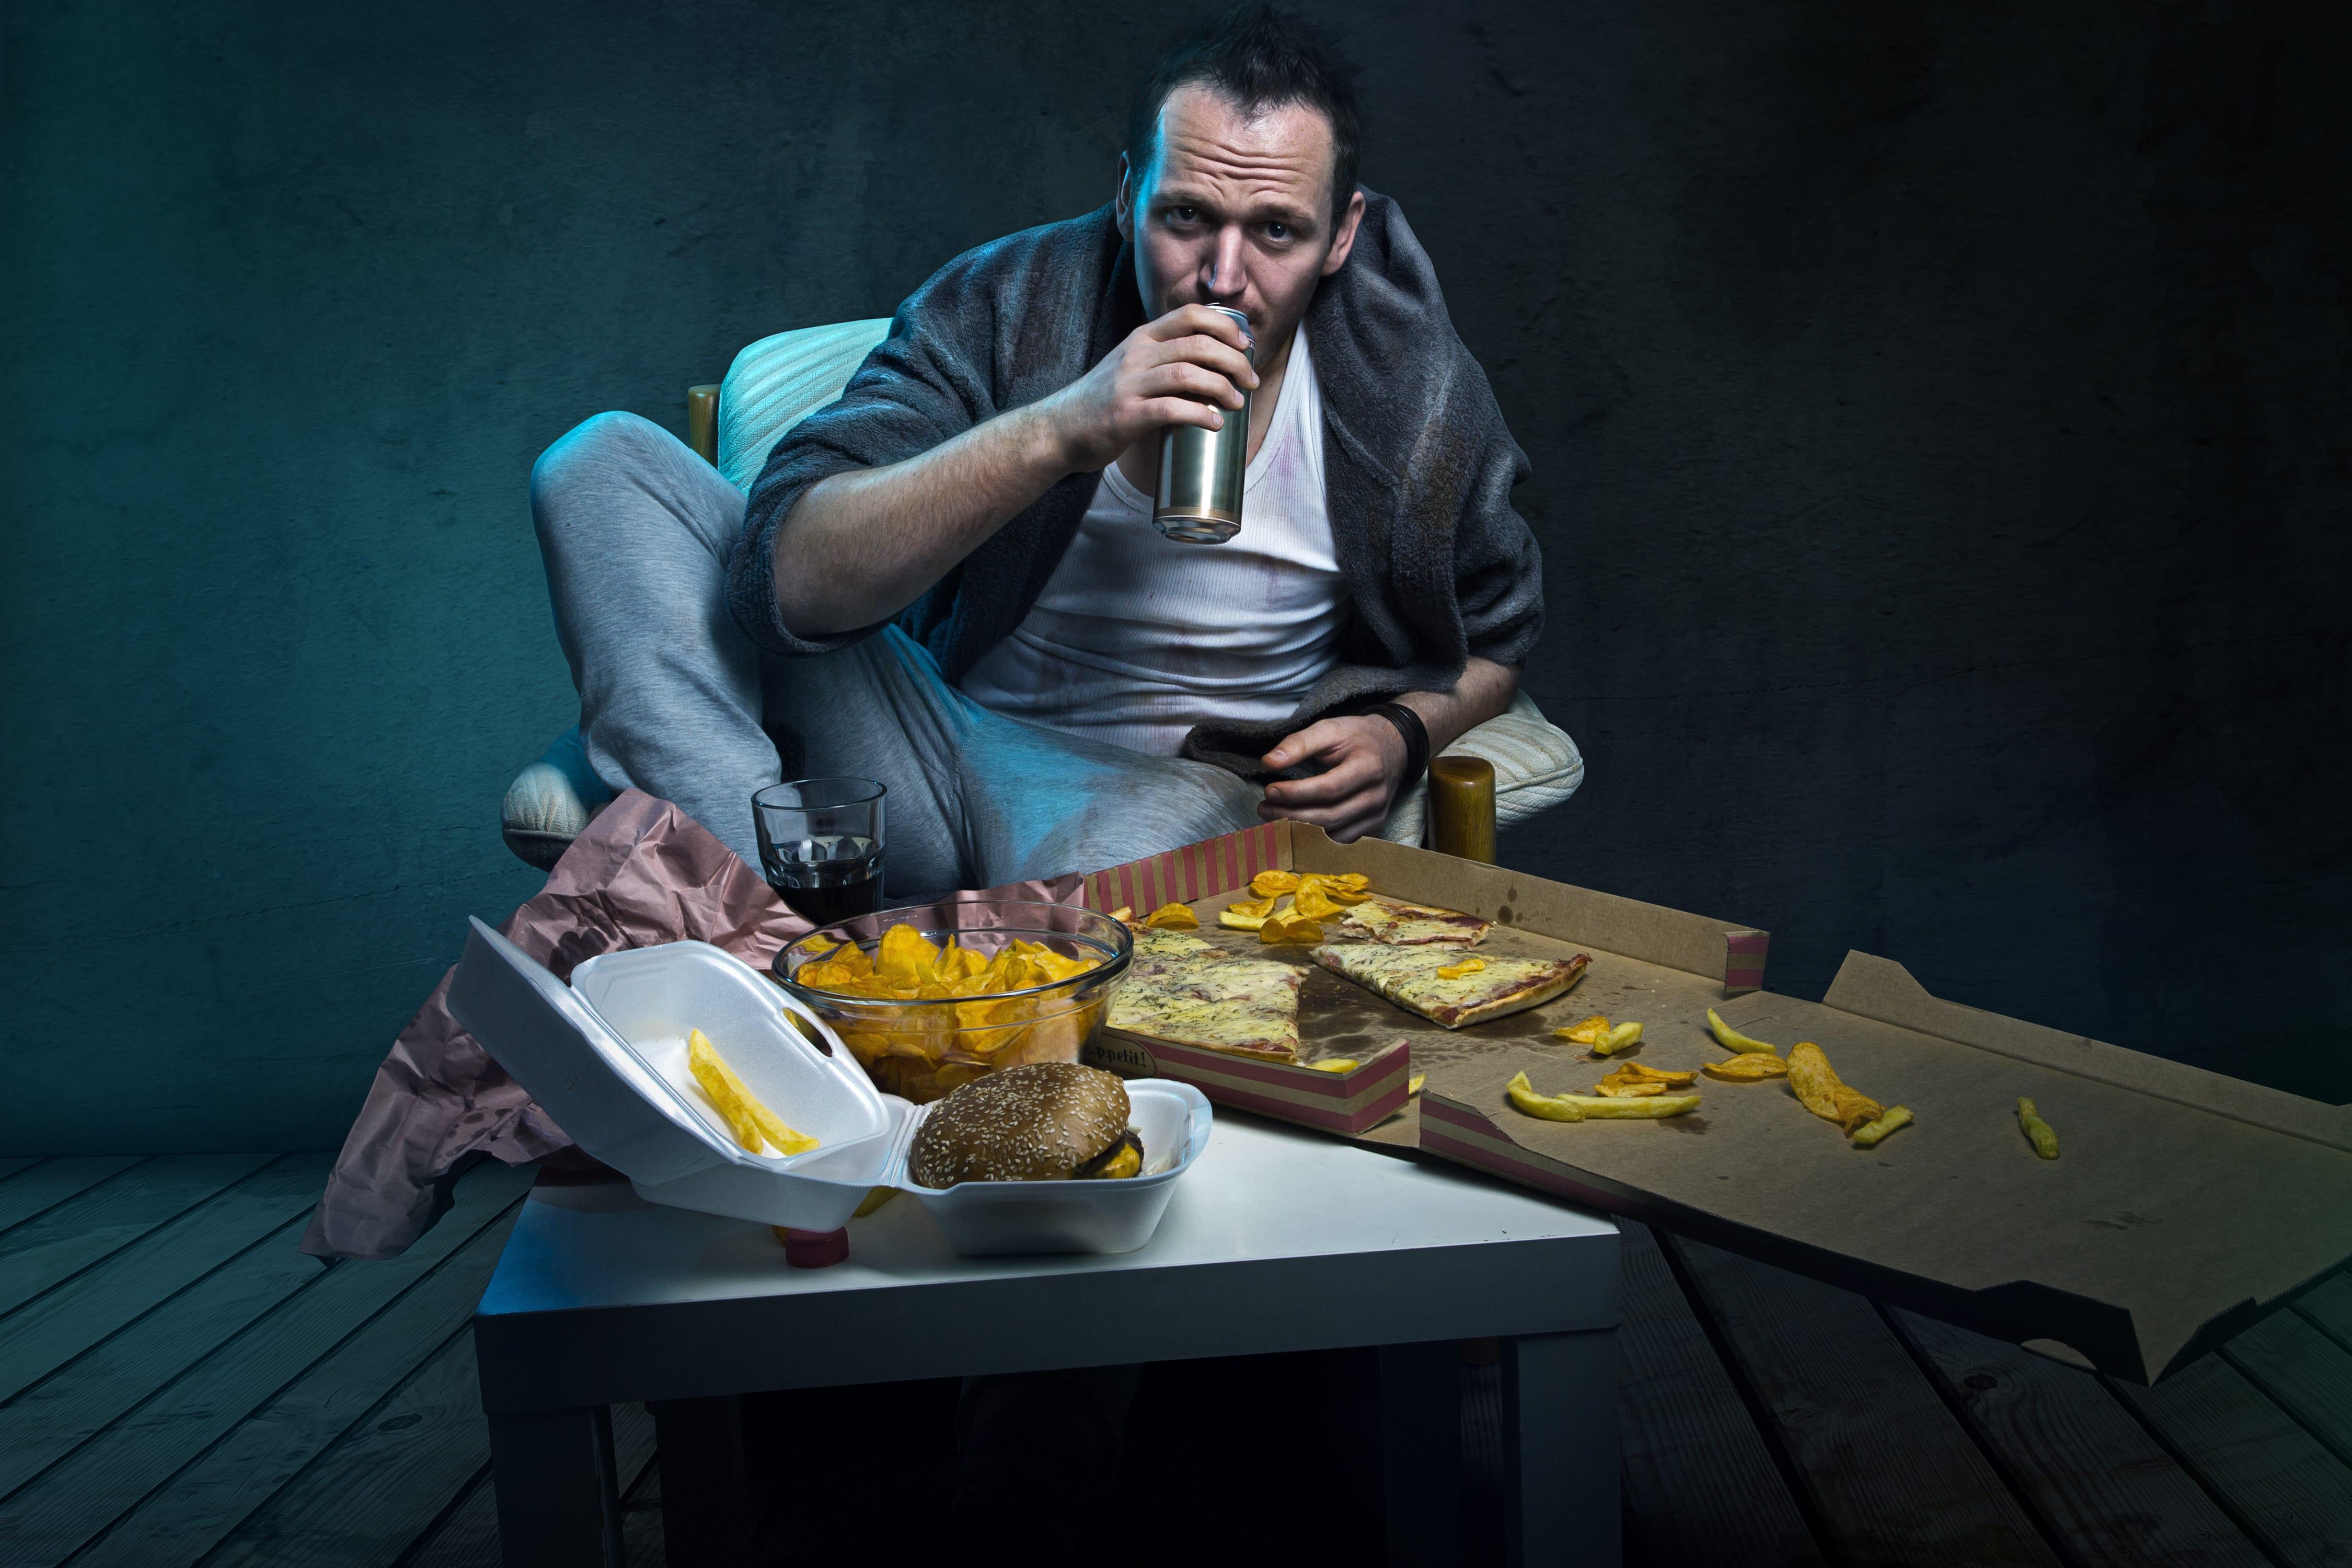 Heißhunger in der Nacht? Diese 3 Tipps könnten helfen